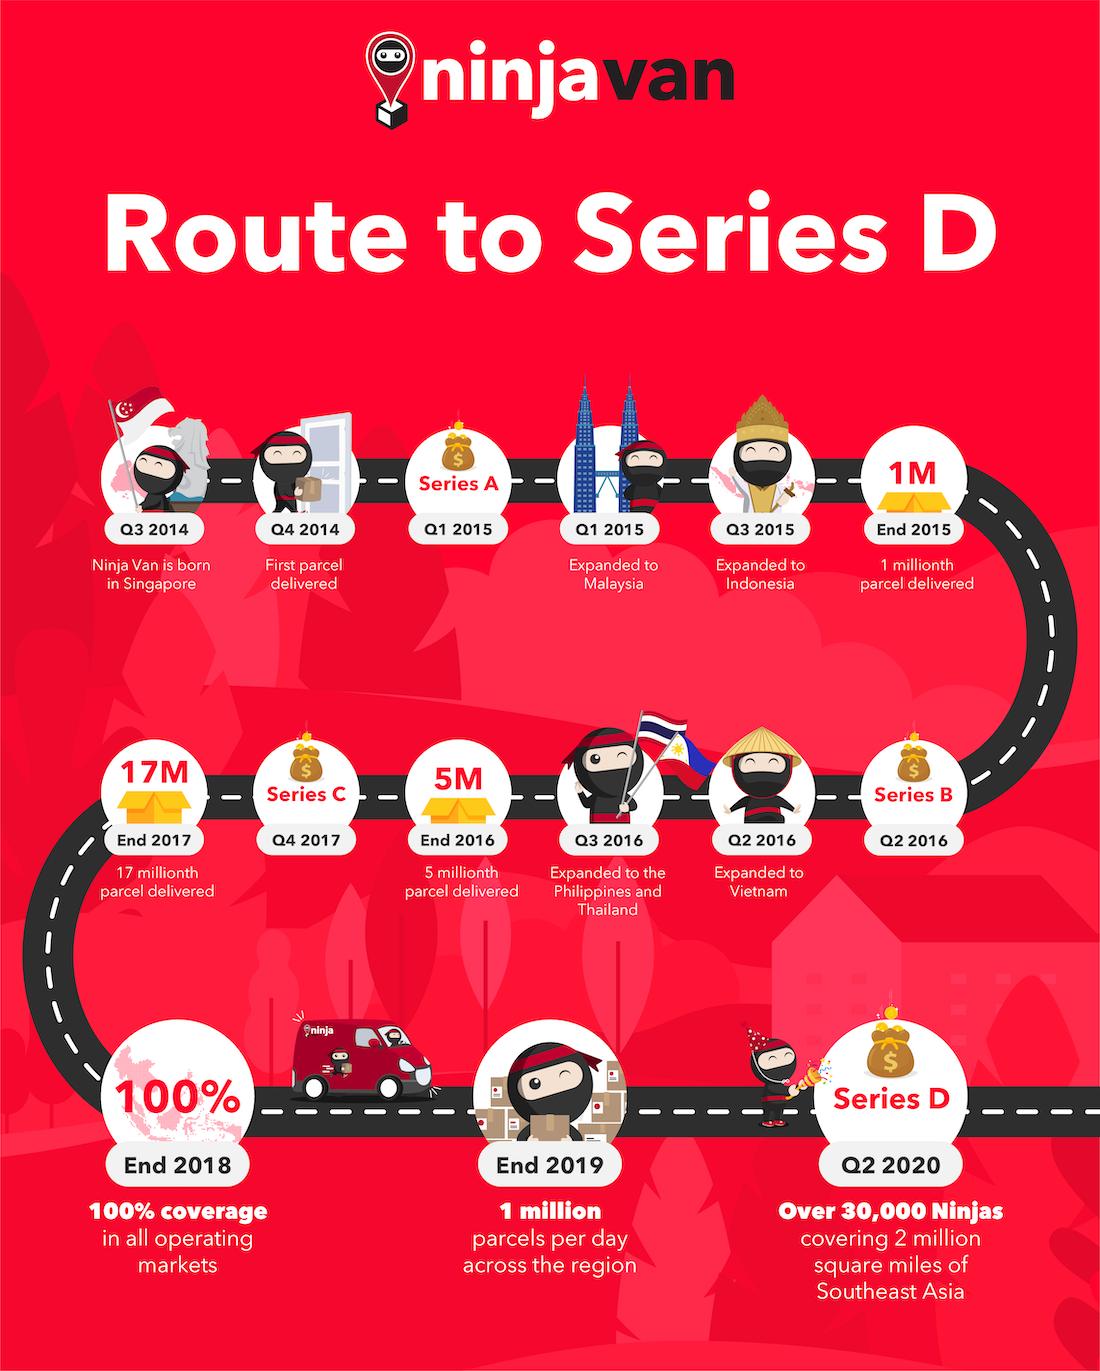 Ninja Van Infographic - Route to Series D